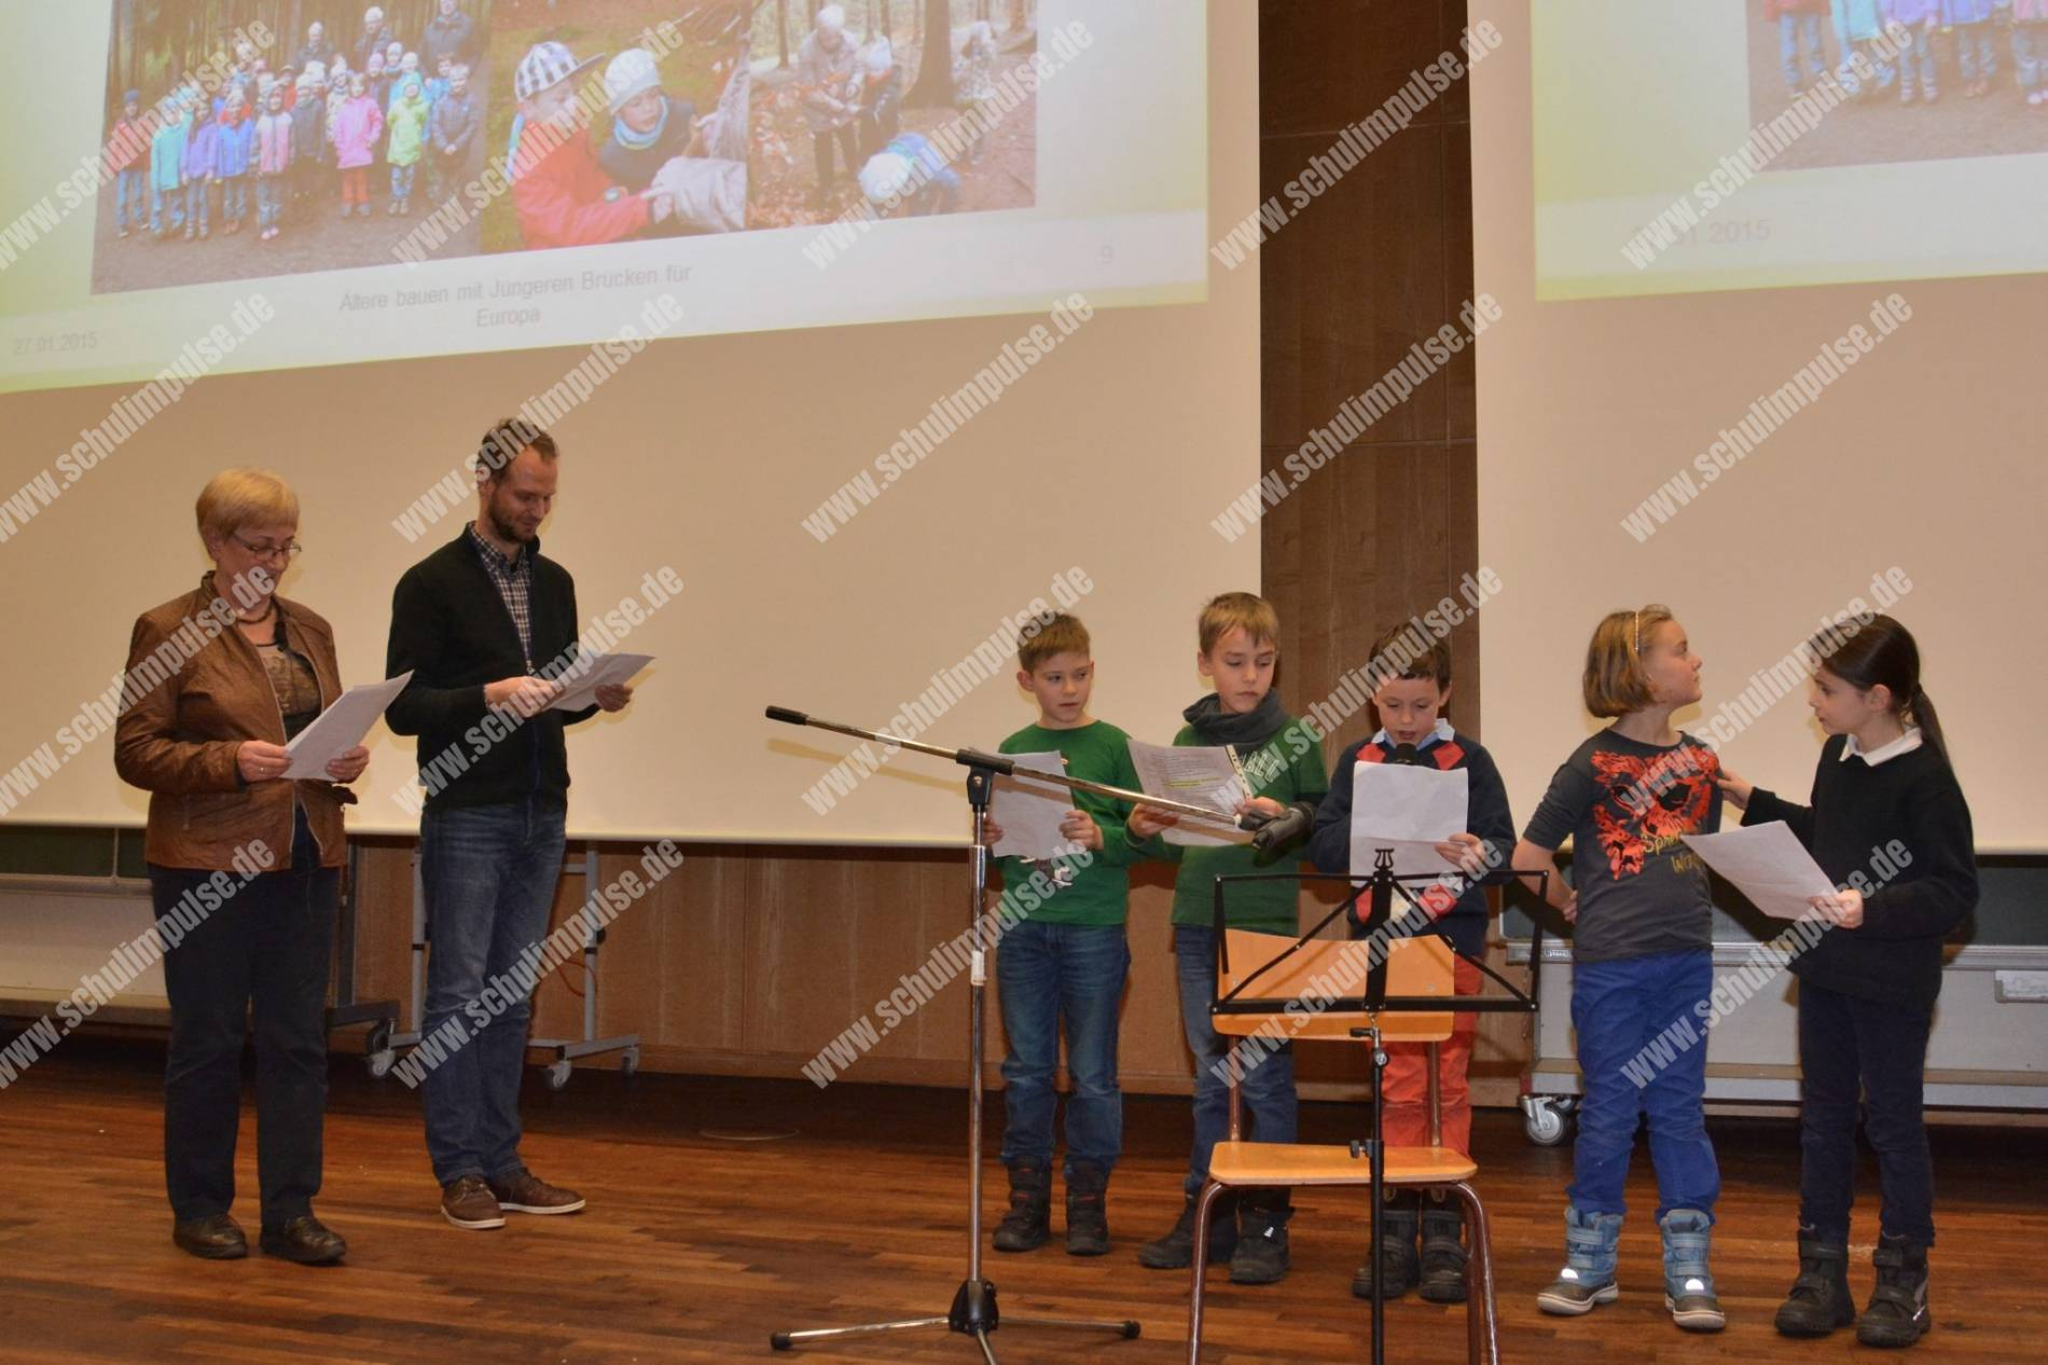 Ingeborg Morgner, Andreas Grajek und SchülerInnen der 2. Klasse bei ihrer Rede im großen Hörsaal der TU Chemnitz